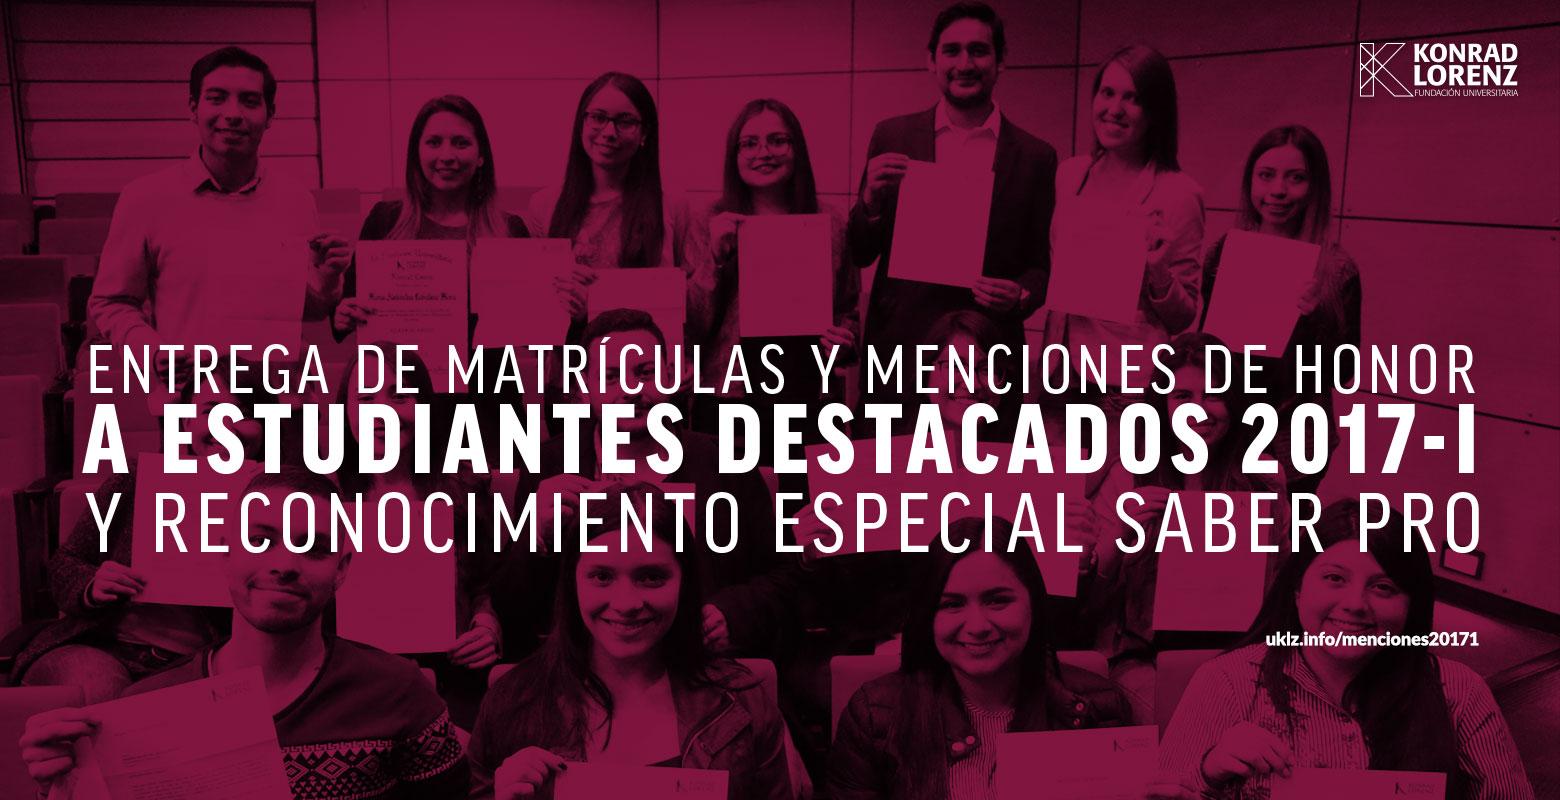 Entrega de Matrículas y Menciones de Honor a Estudiantes Destacados 2017-1